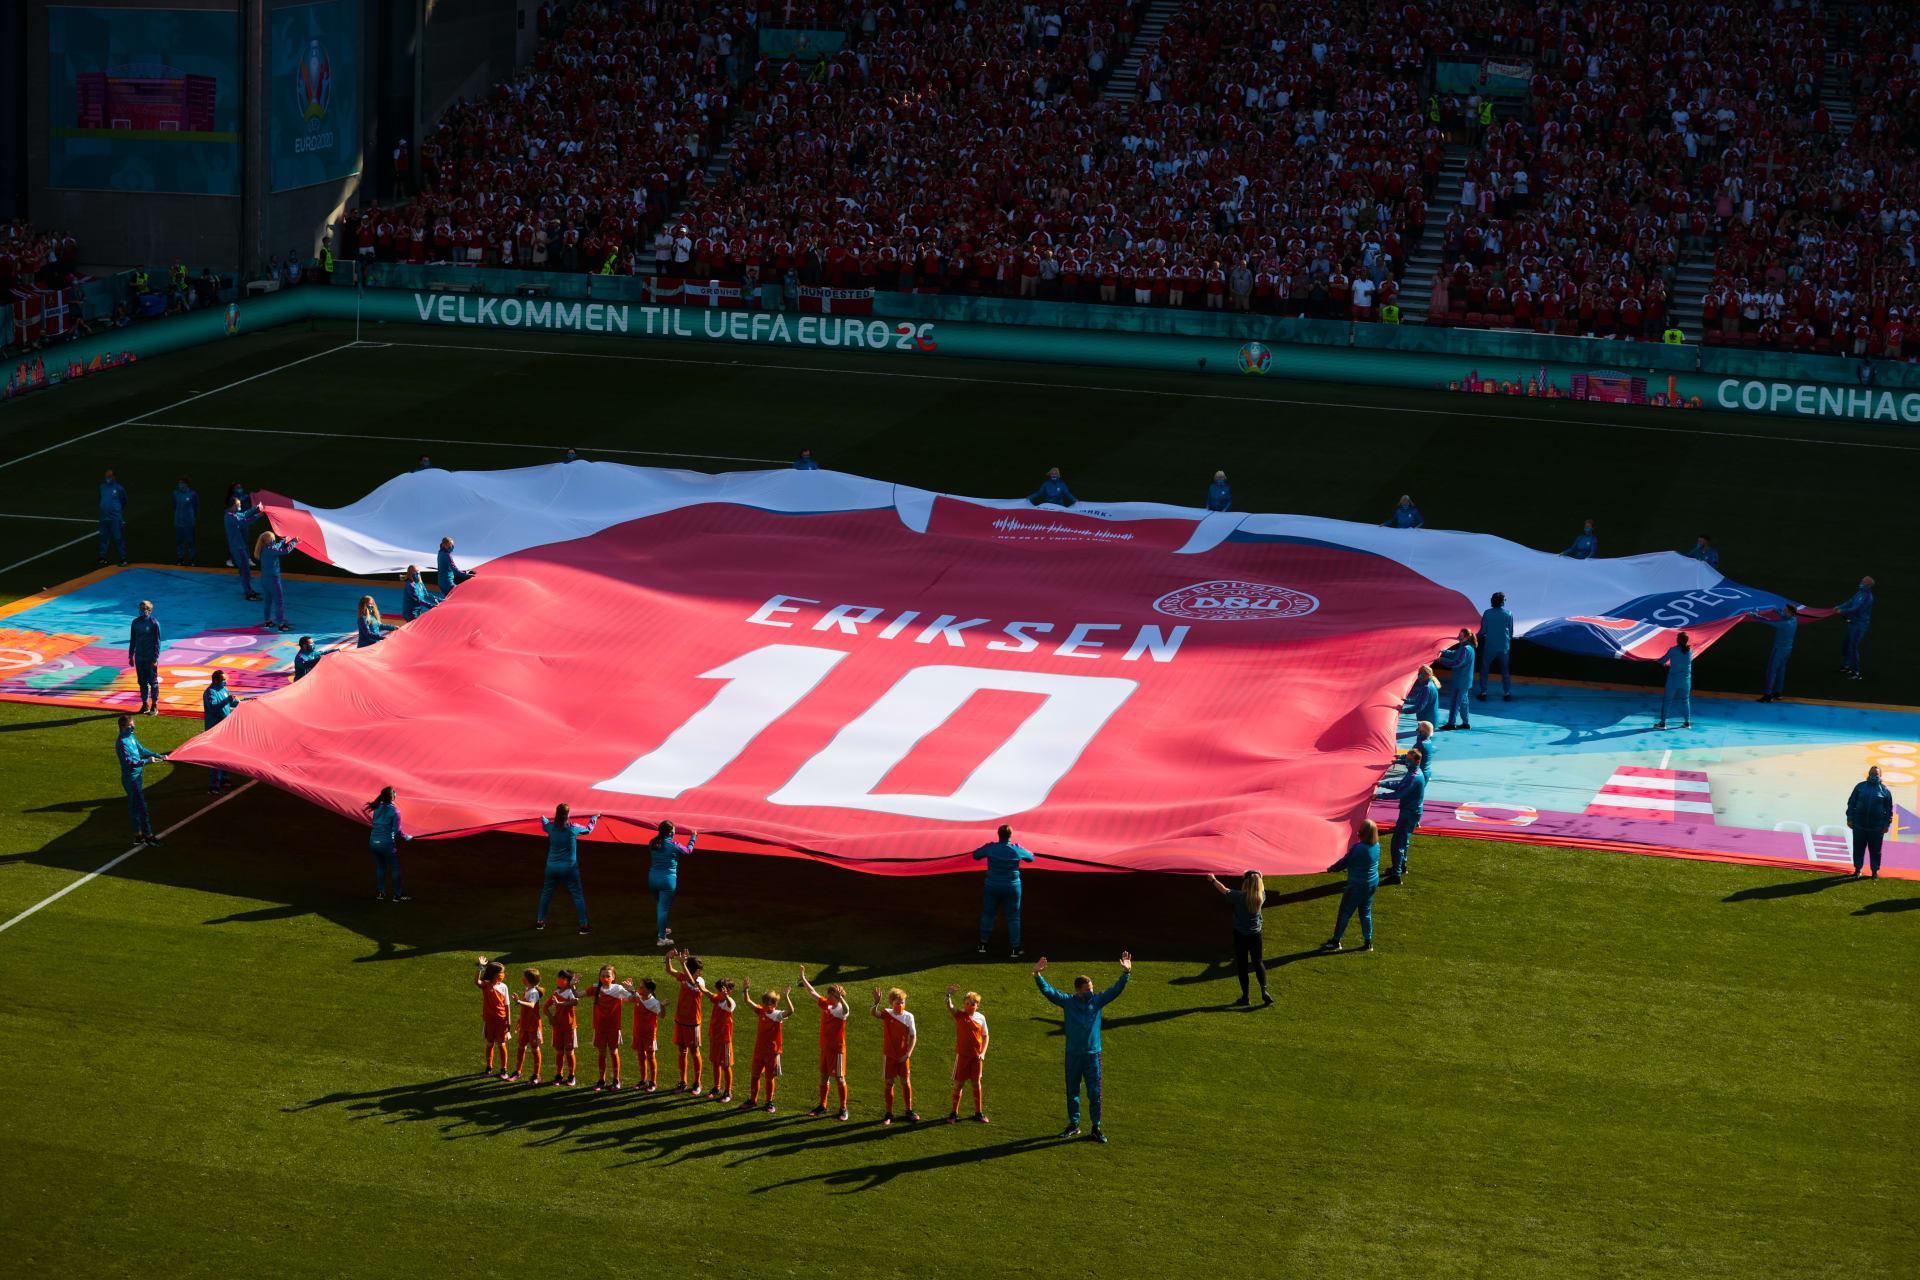 تكريم استثنائي لكريستيان إريكسن خلال مباراة الدنمارك وبلجيكا